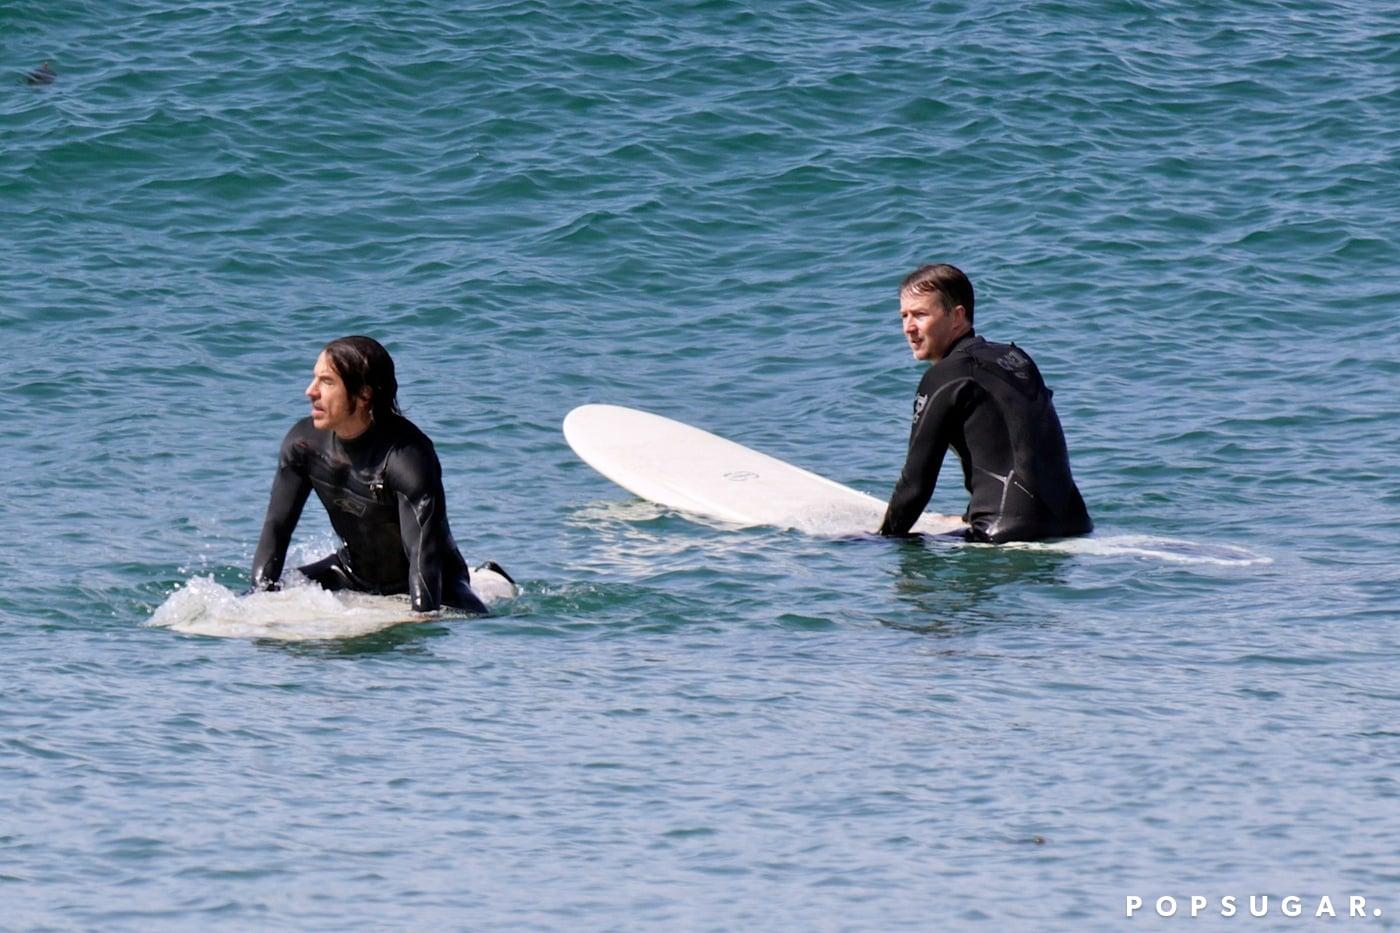 Surfing Dudes